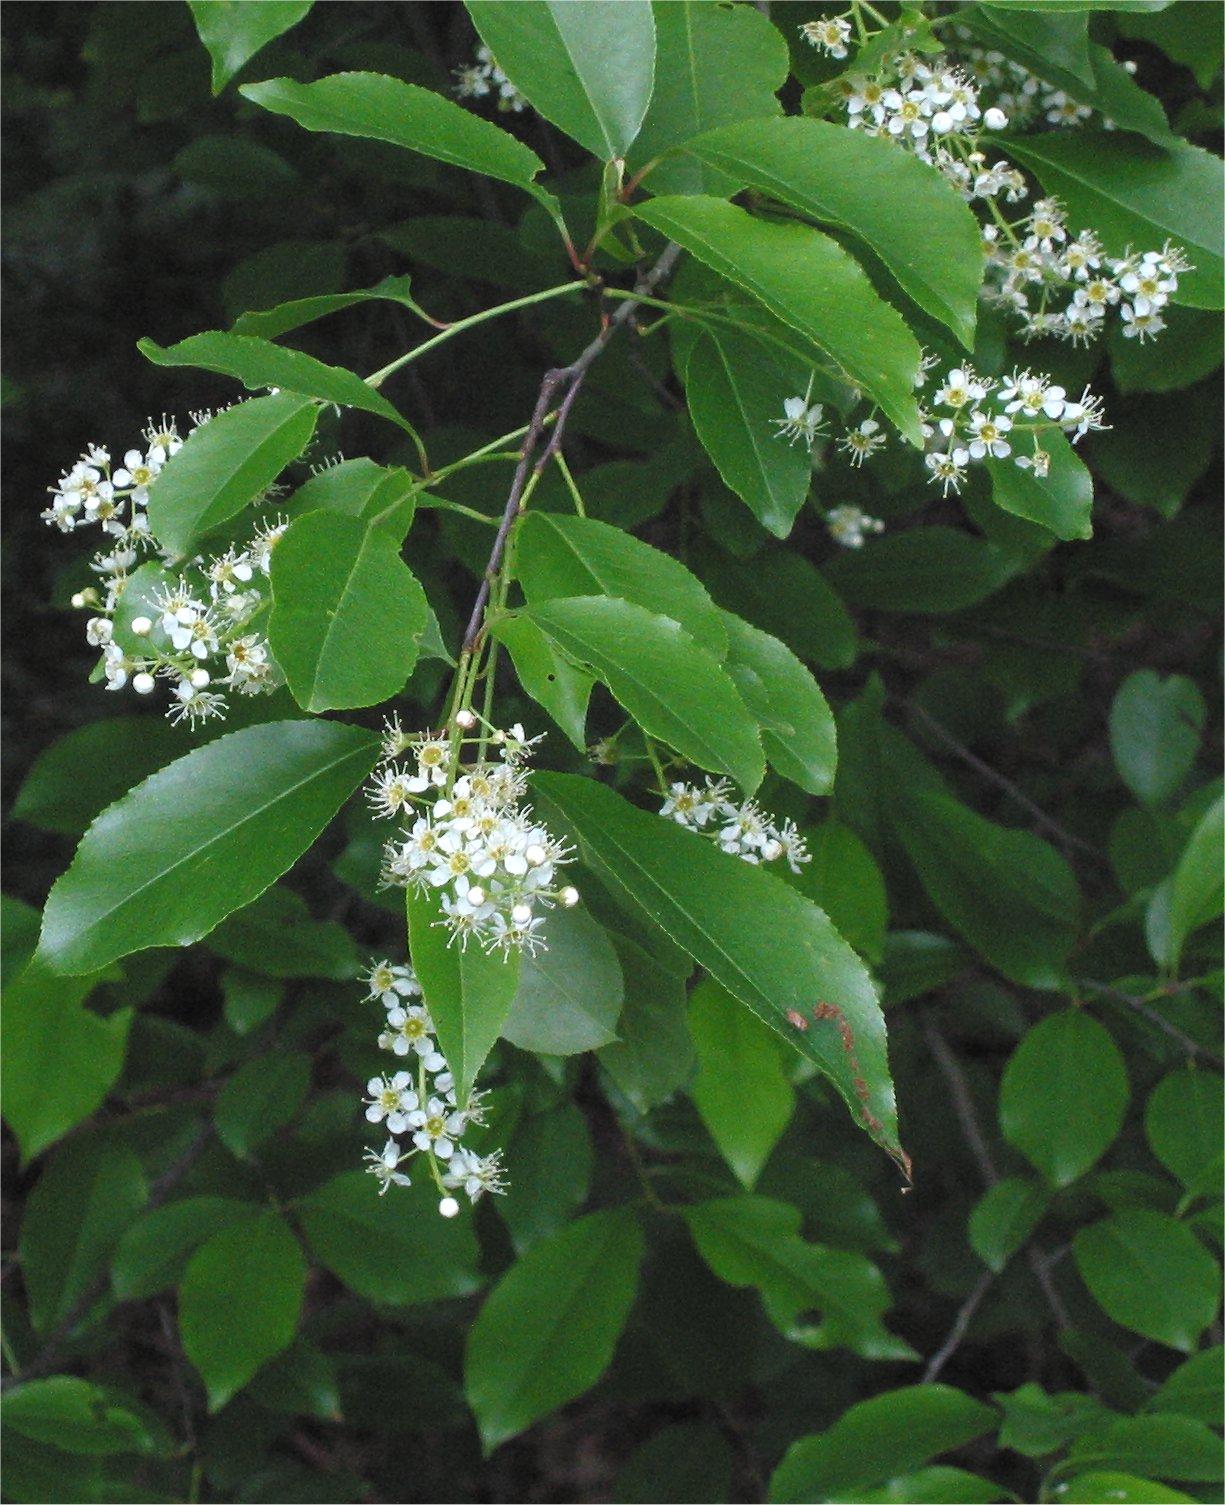 Prunus_serotina_closeup